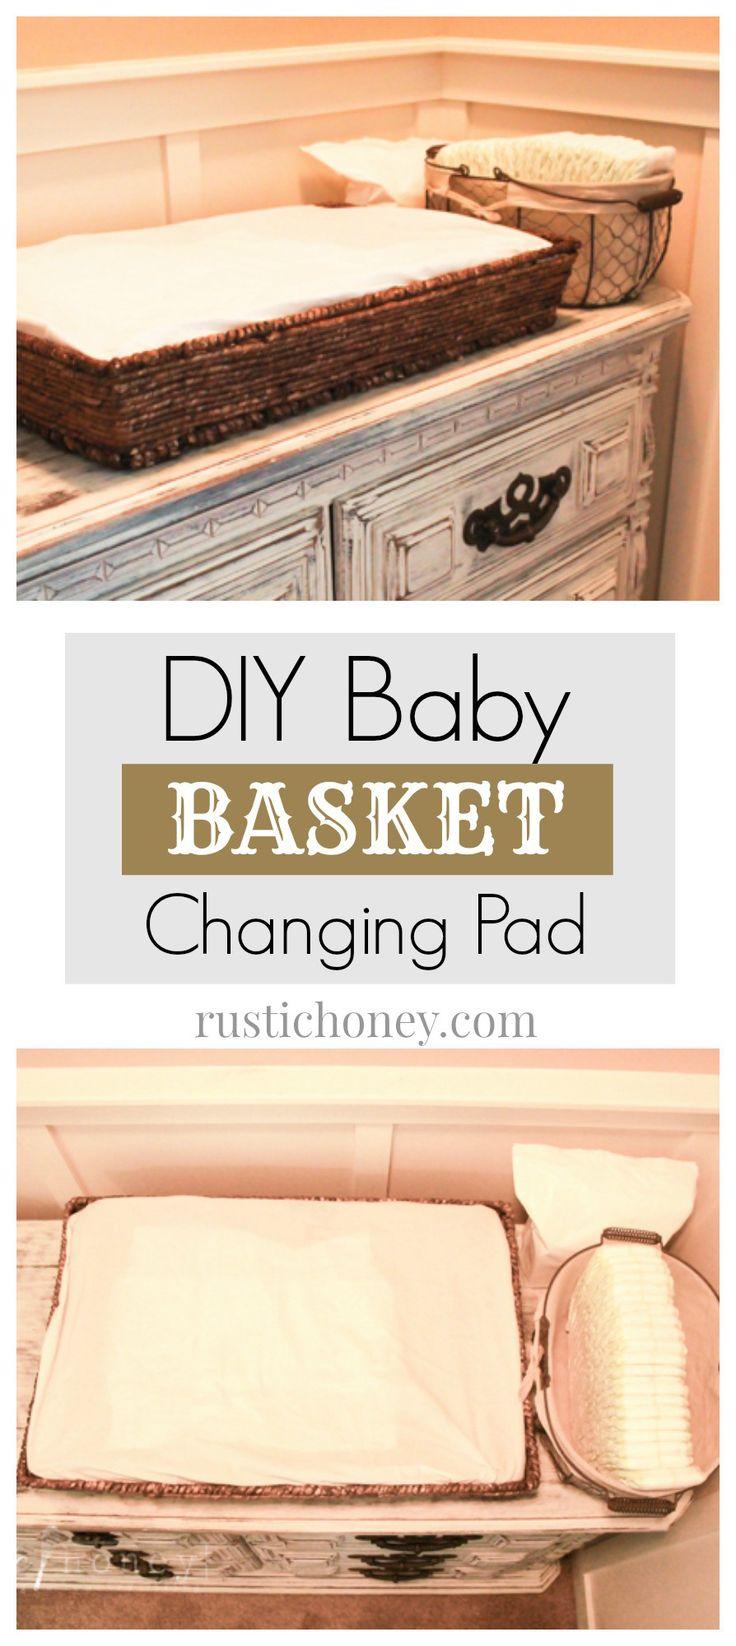 DIY Baby Basket Changing Pad